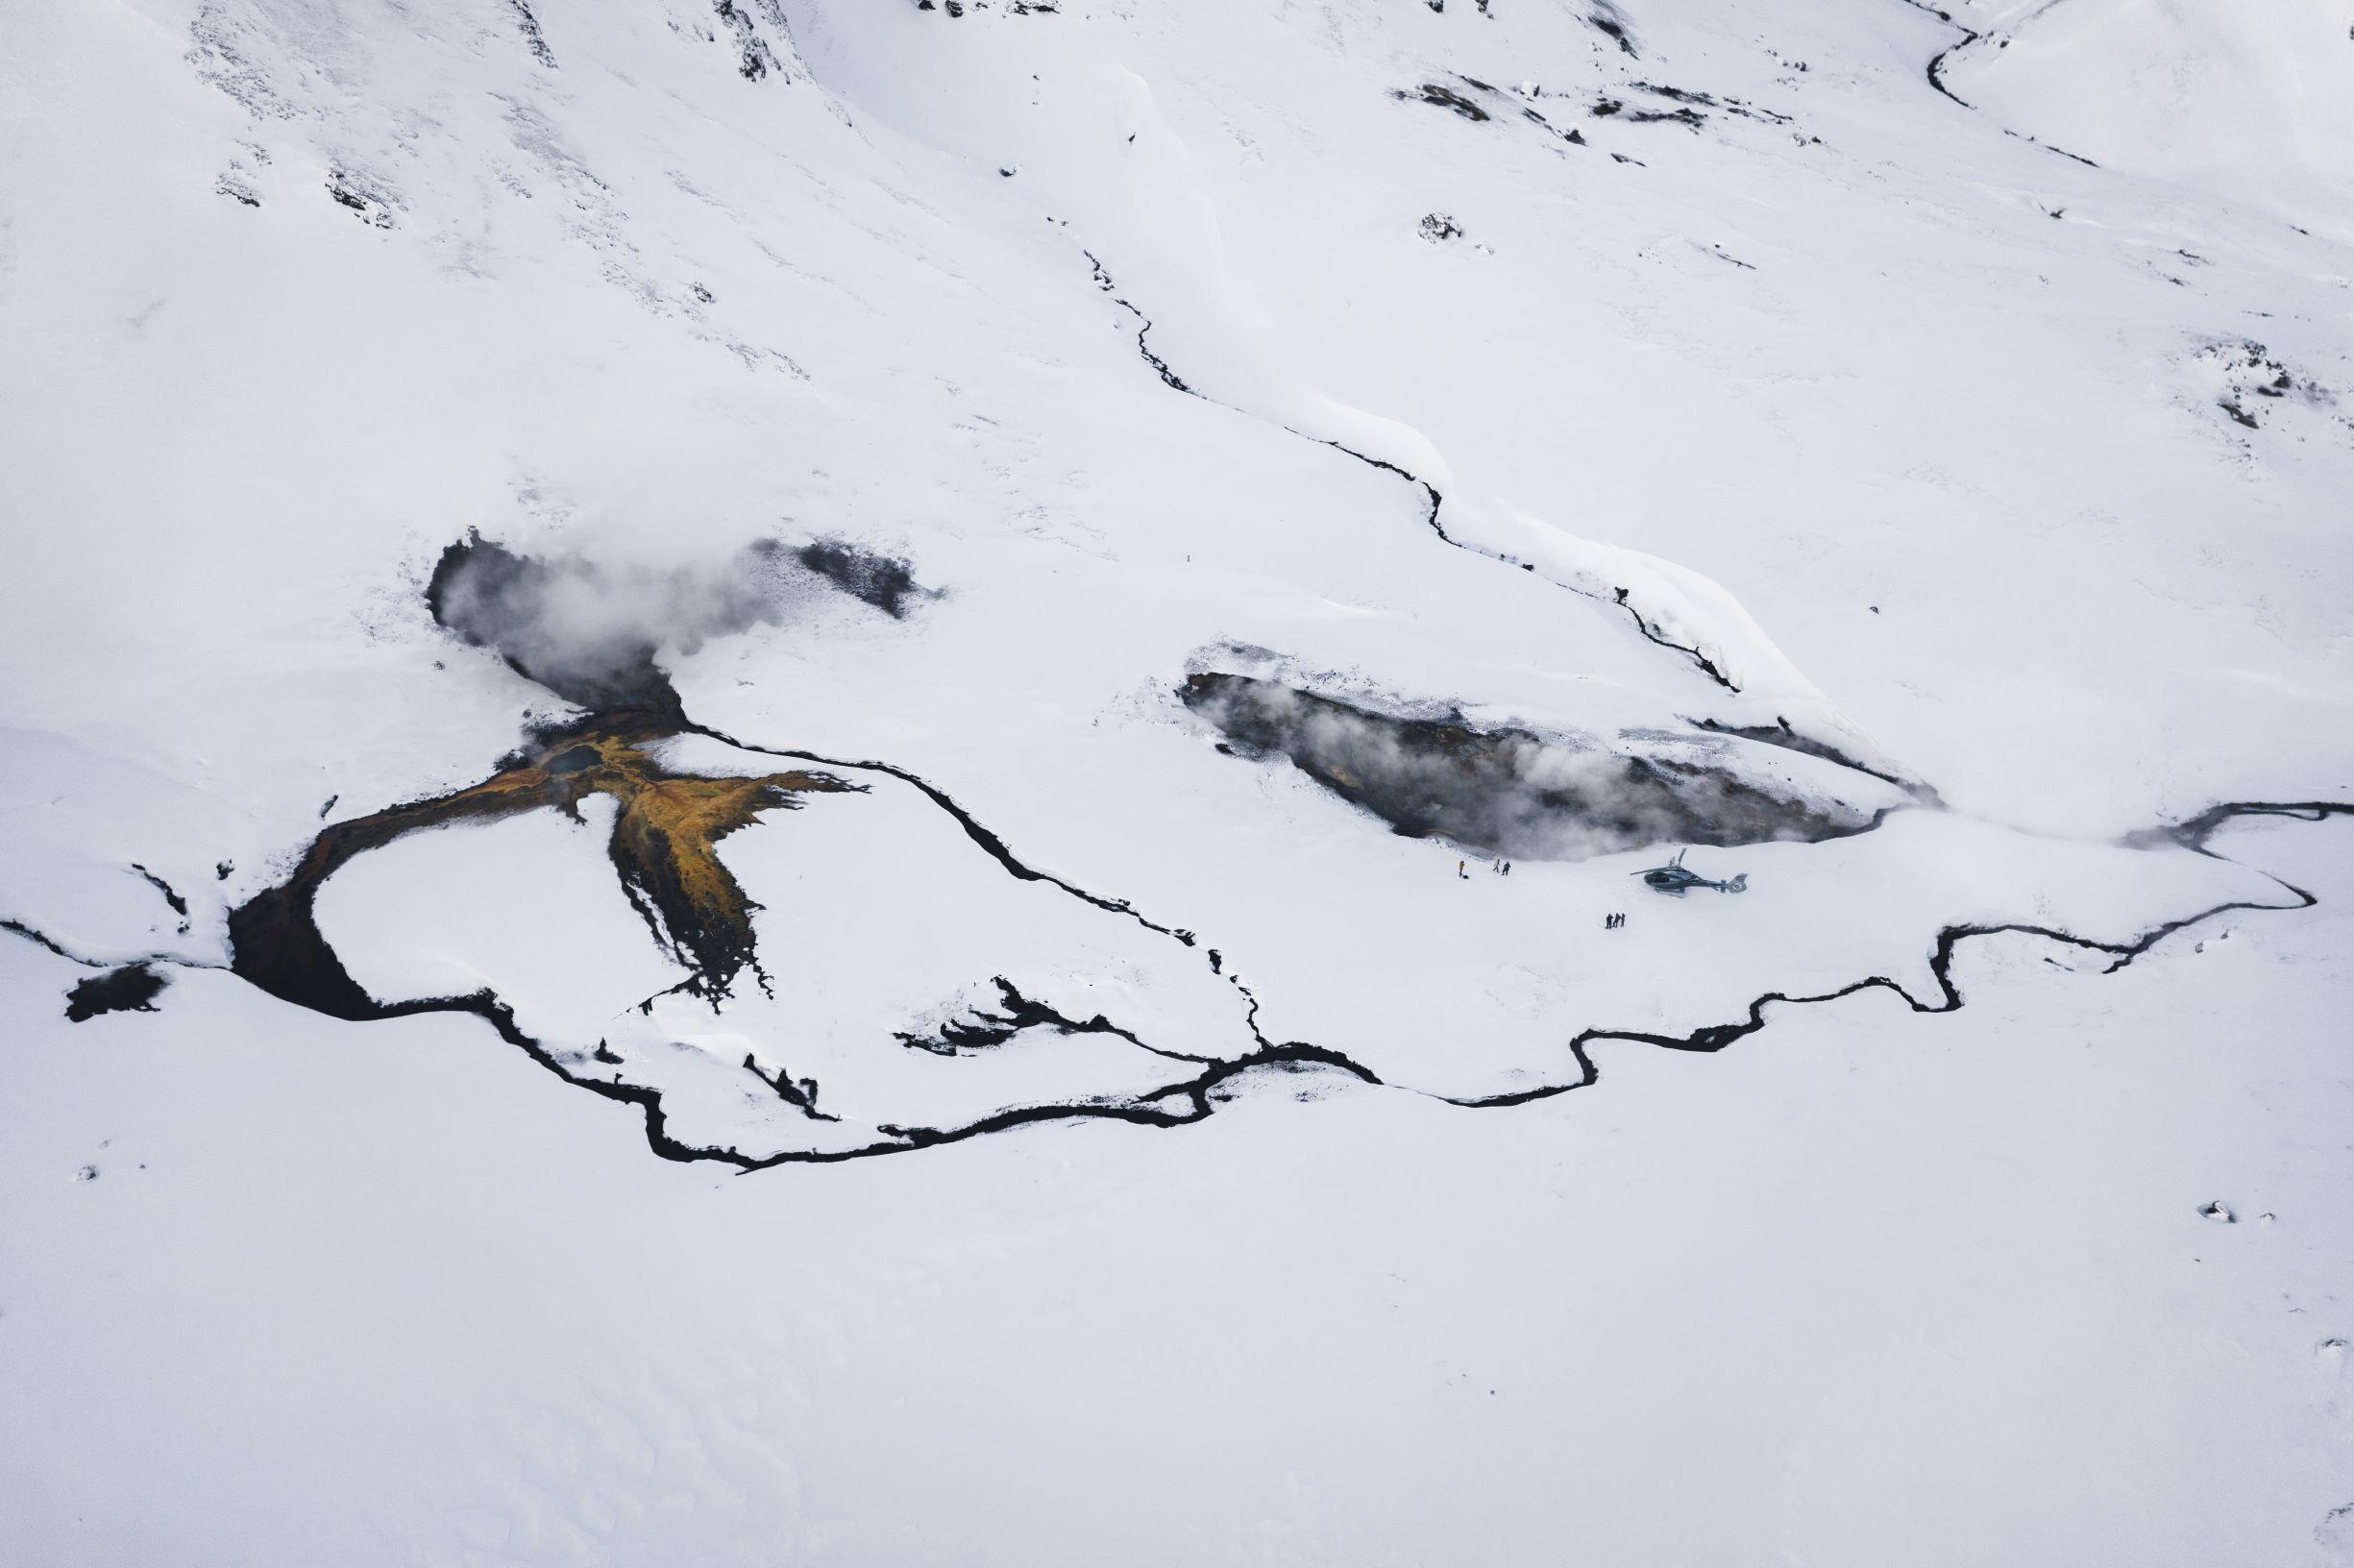 冰岛直升机观光团 - 亲历航拍的奇妙视角|火山口 + 熔岩原 + 地热温泉 + 雷克雅未克